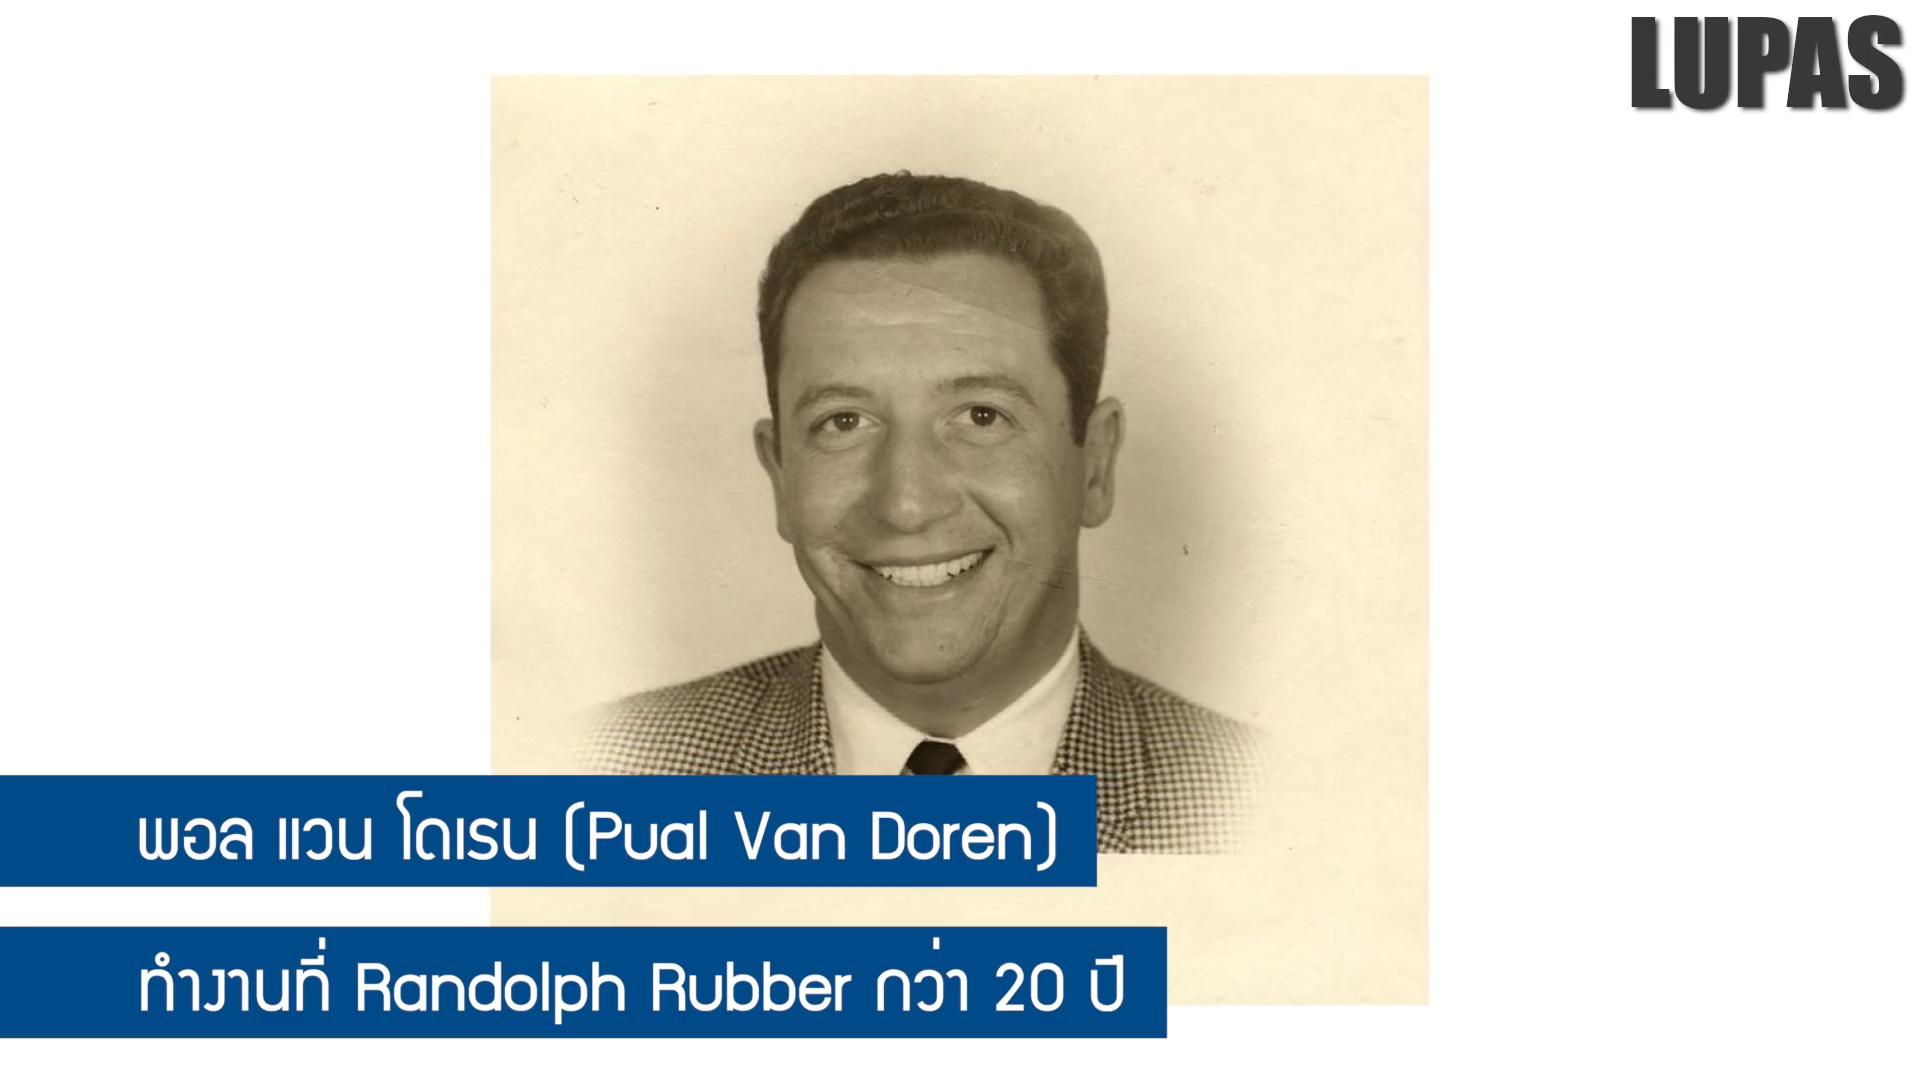 พอล แวน โดเรน (Pual Van Doren)